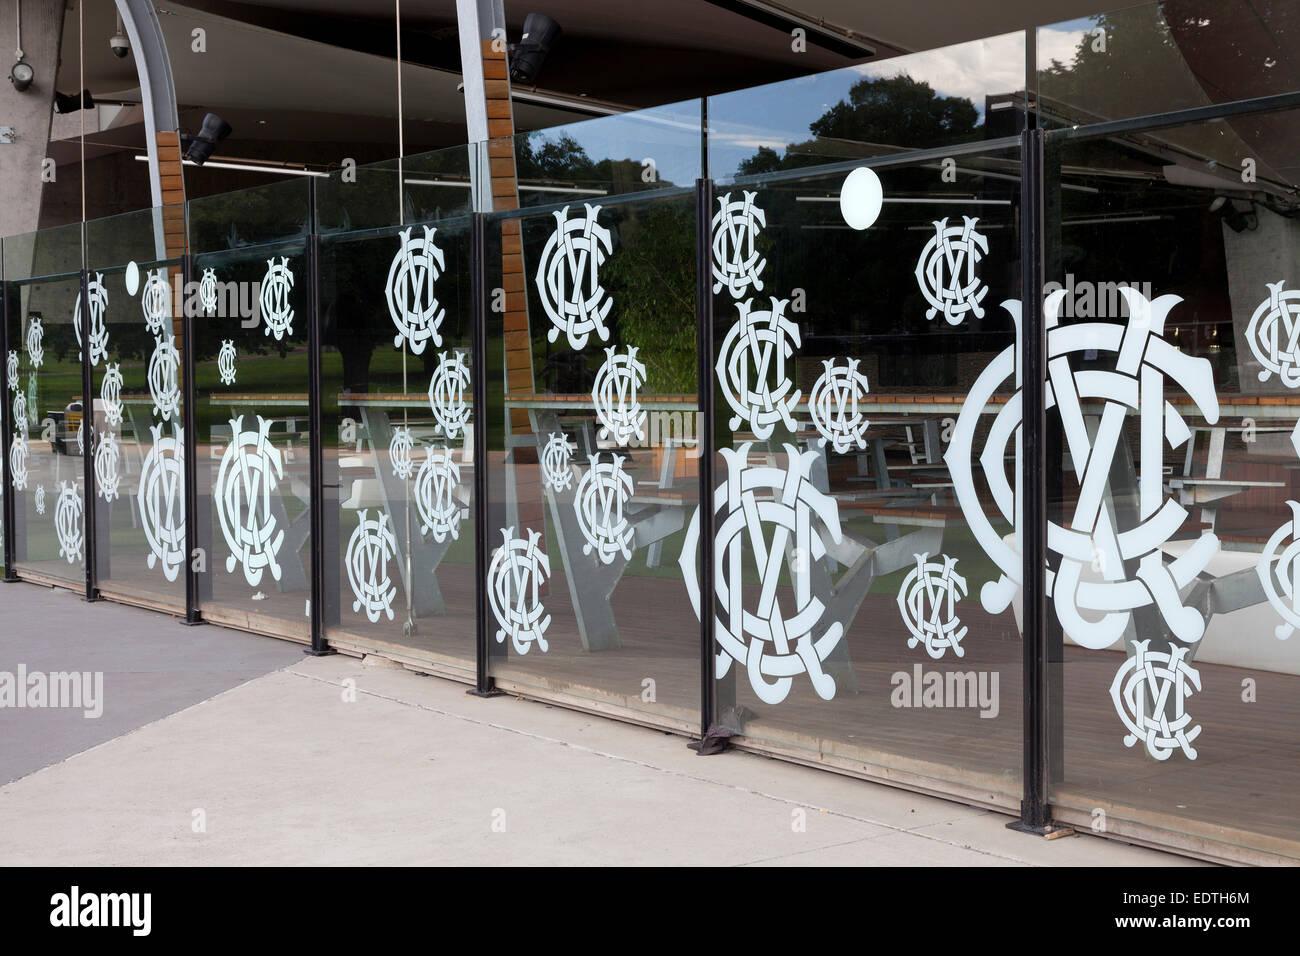 El Melbourne Cricket Ground, logotipo en las ventanas, Australia Imagen De Stock